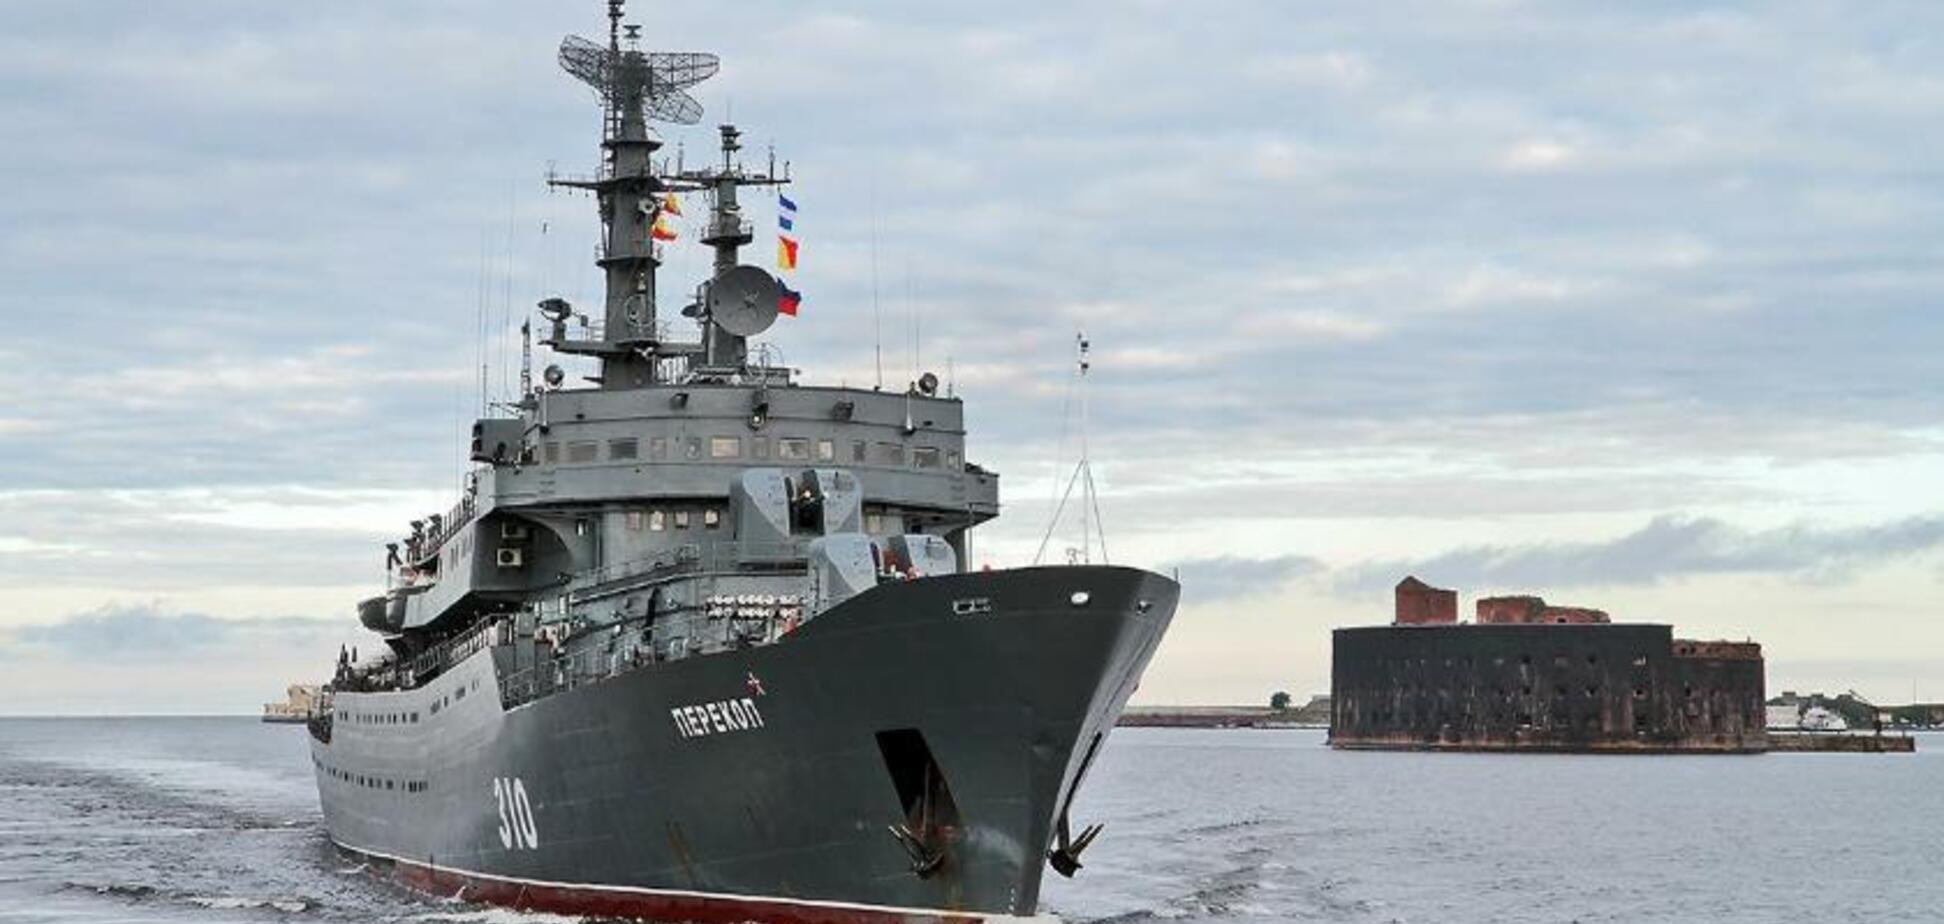 Кораблі підходять впритул: ситуація в Азовському морі загострилася